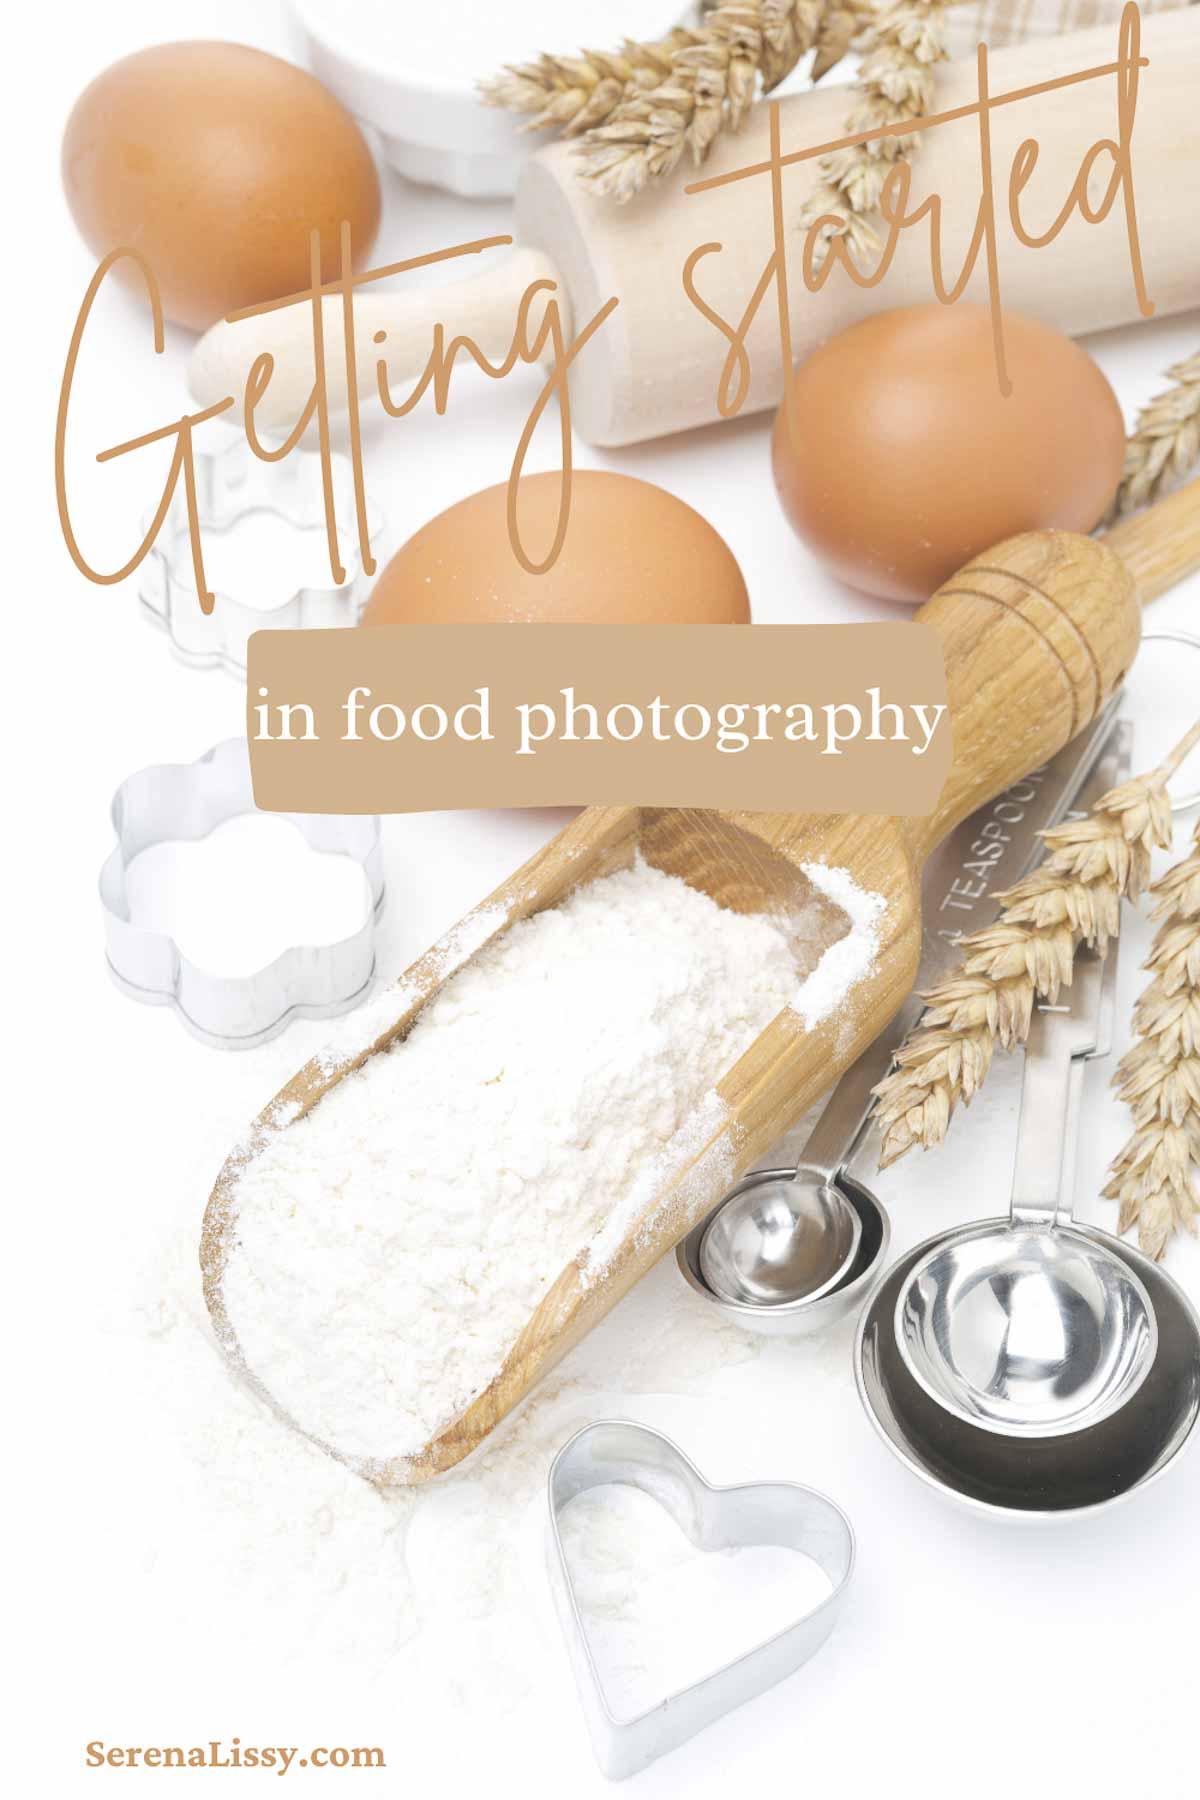 Flour and eggs on a table